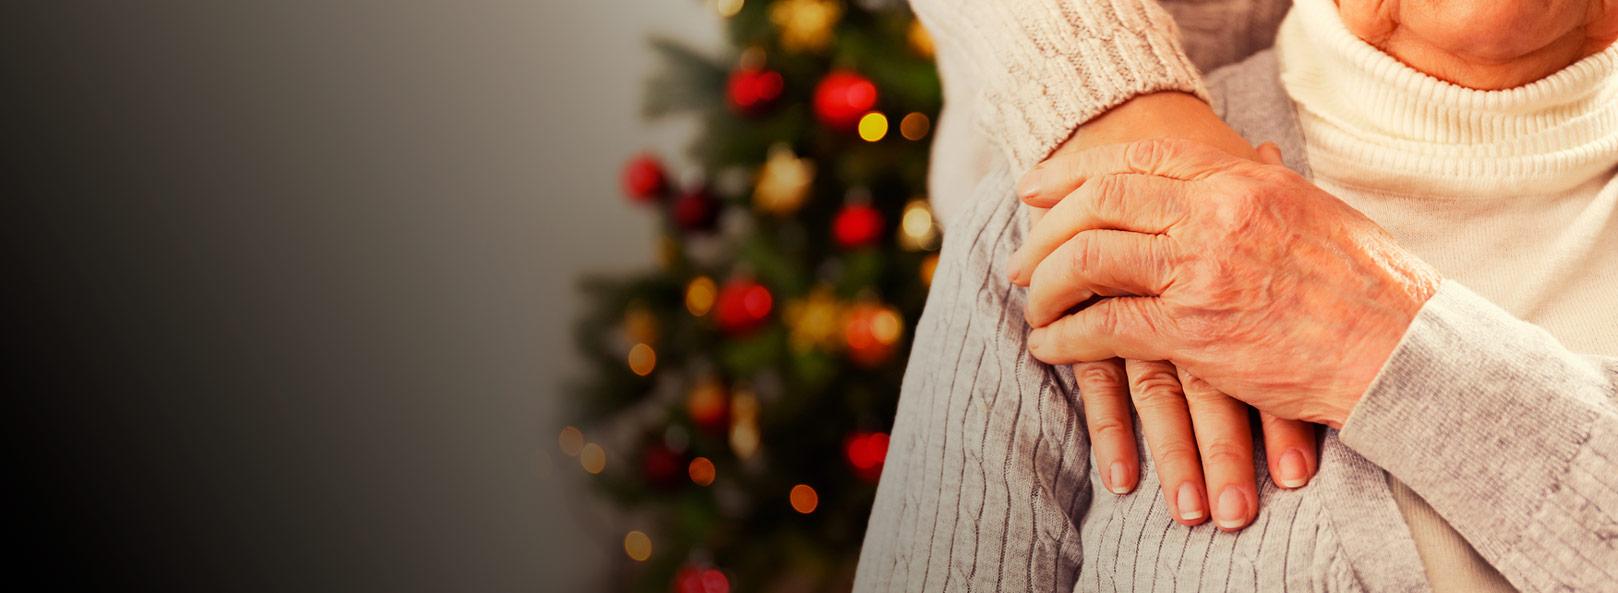 BC-clece-Nochebuena-soledad-interior